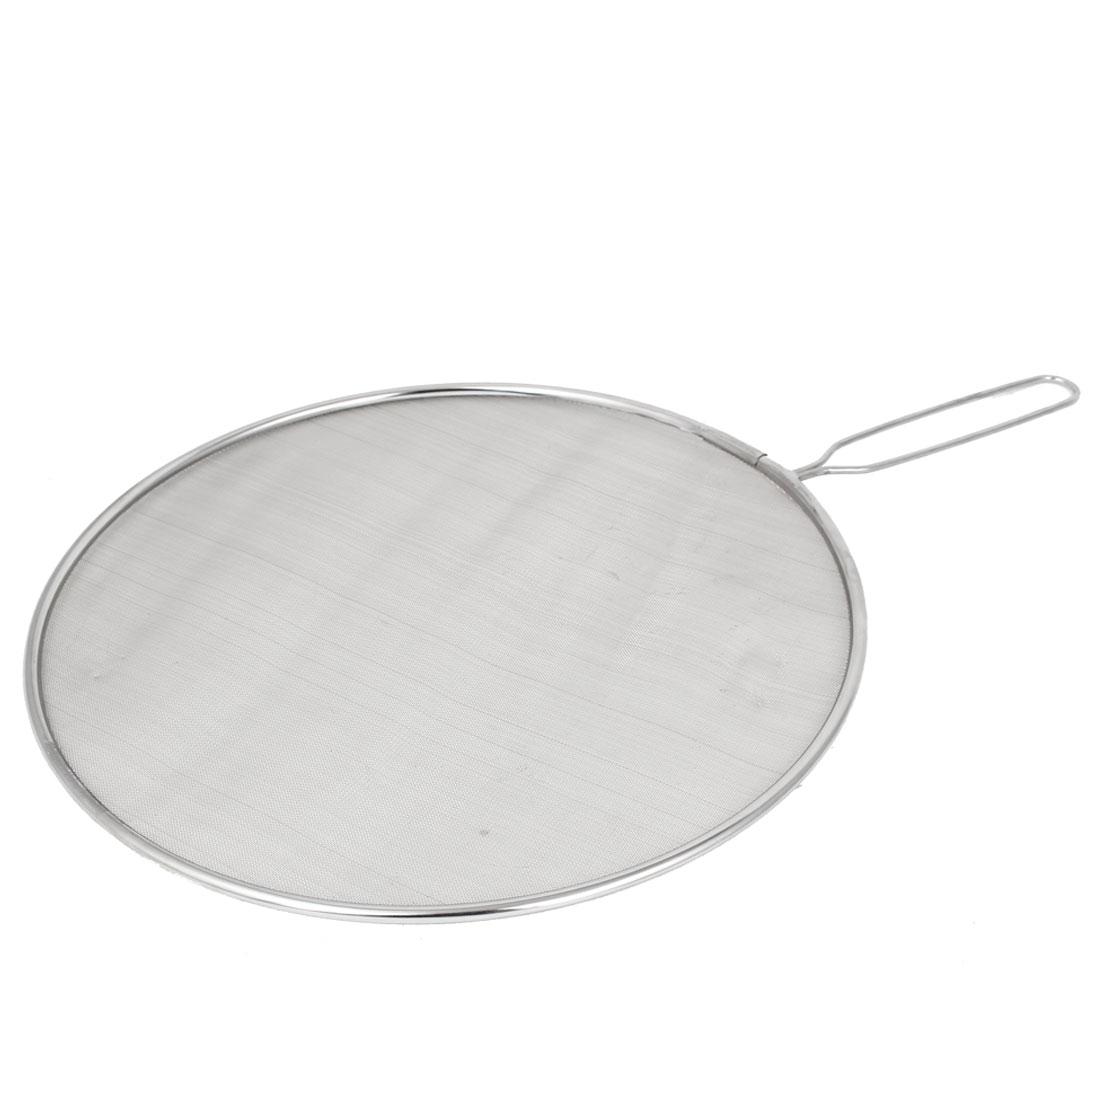 Kitchen Fine Mesh Wire Colander Sifter Sieve Oil Flour Strainer 32cm Dia